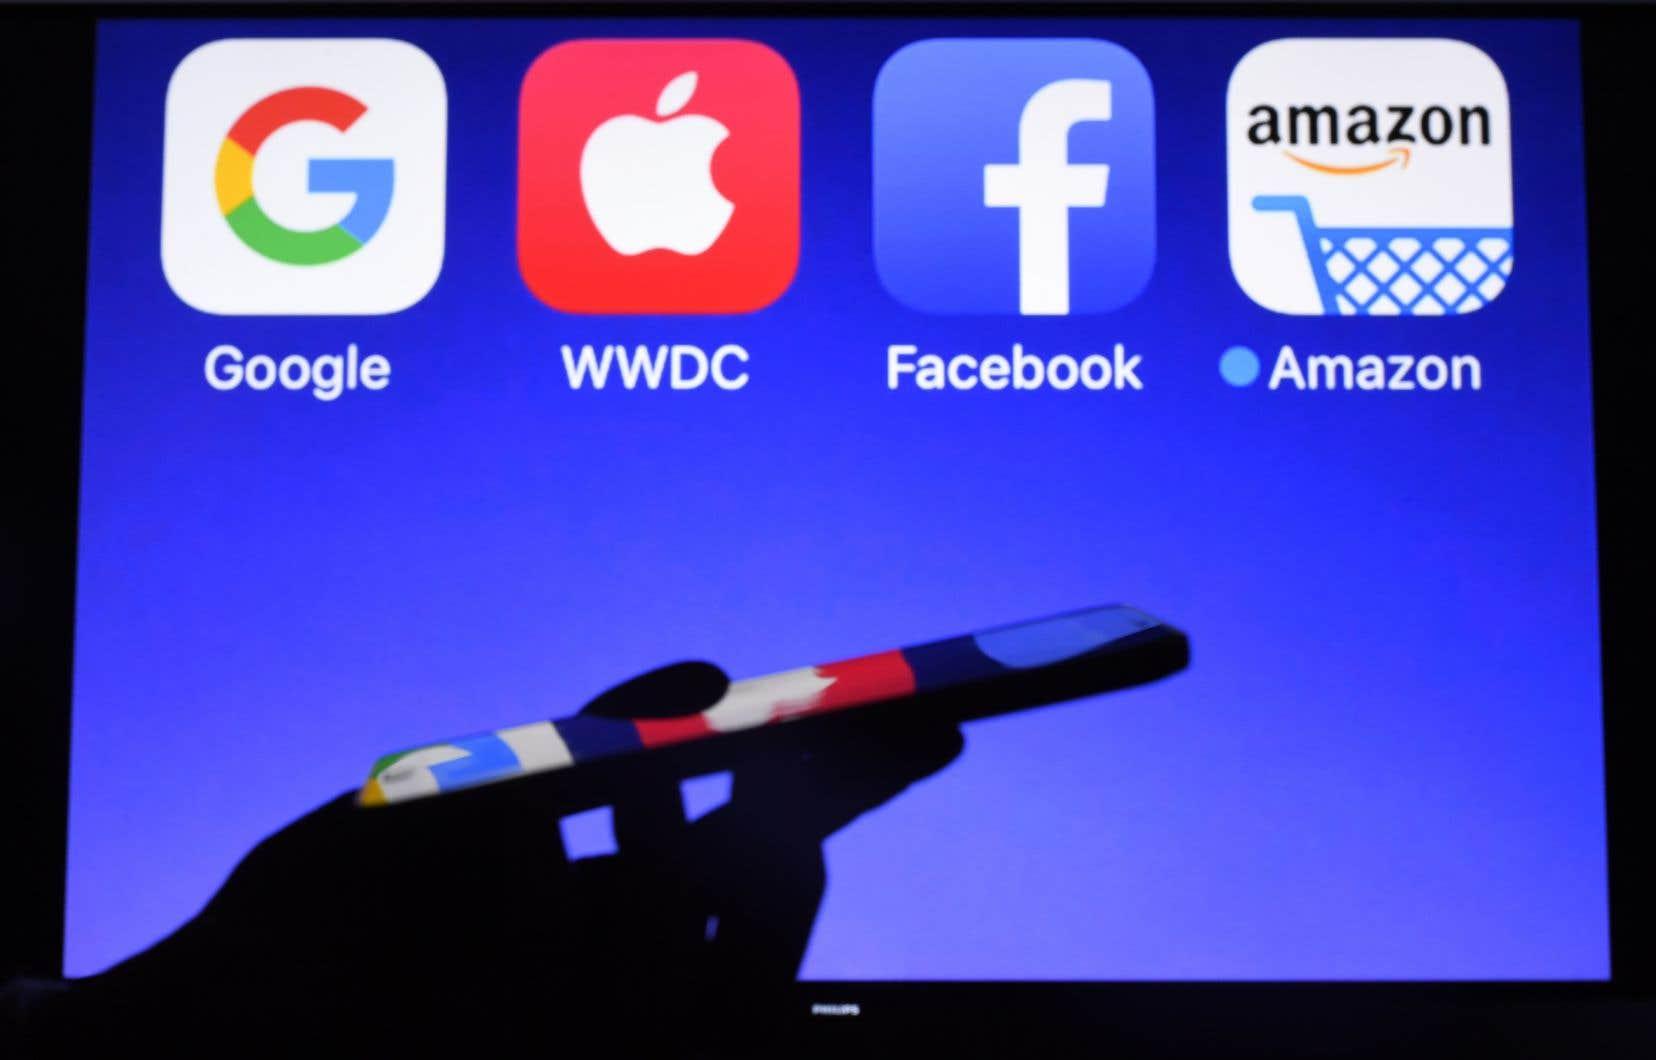 Les réseaux sociaux restent une source d'information pour plus des deux tiers des internautes aux États-Unis.